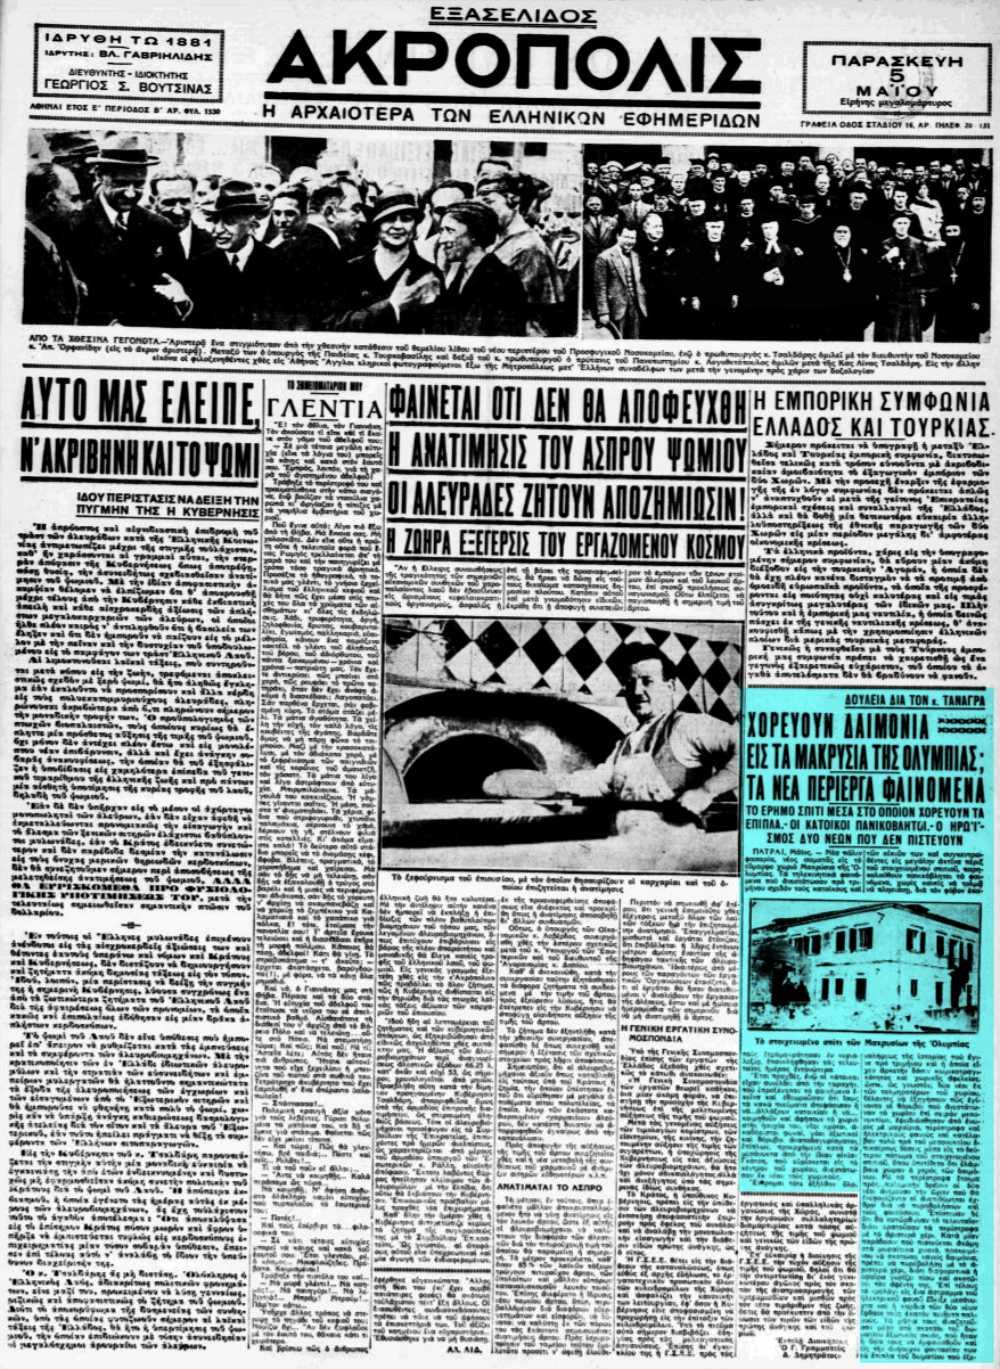 """Το άρθρο, όπως δημοσιεύθηκε στην εφημερίδα """"ΑΚΡΟΠΟΛΙΣ"""", στις 05/05/1933"""